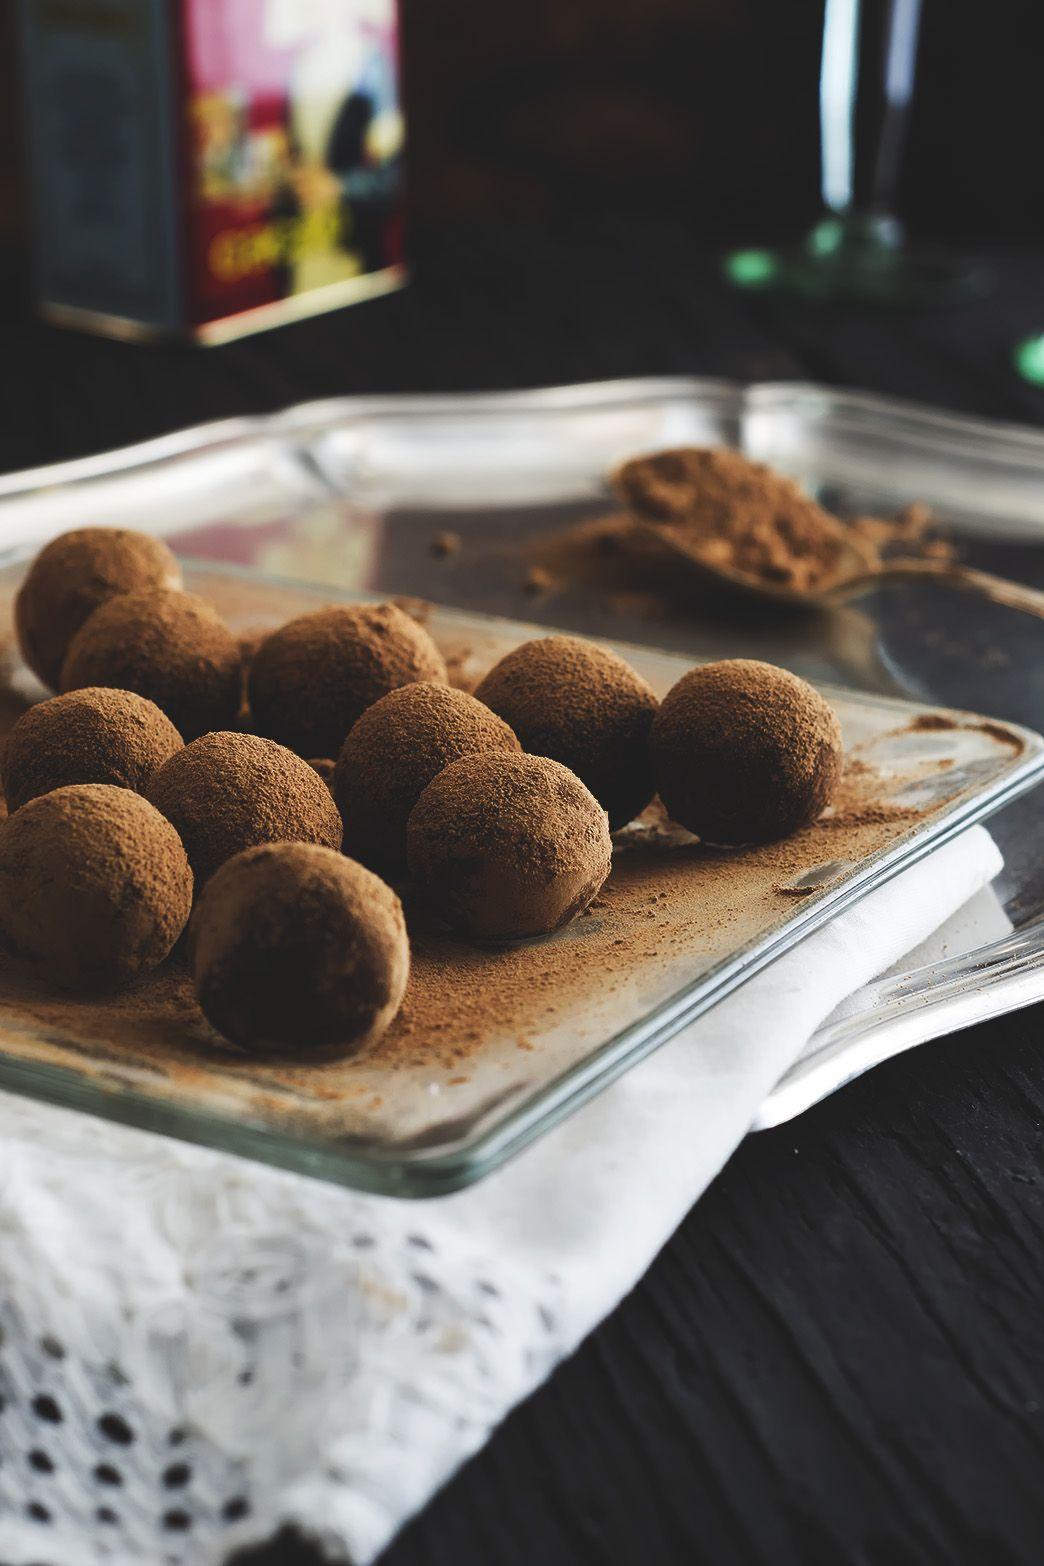 how to make vegan milk chocolate from dark chocolate